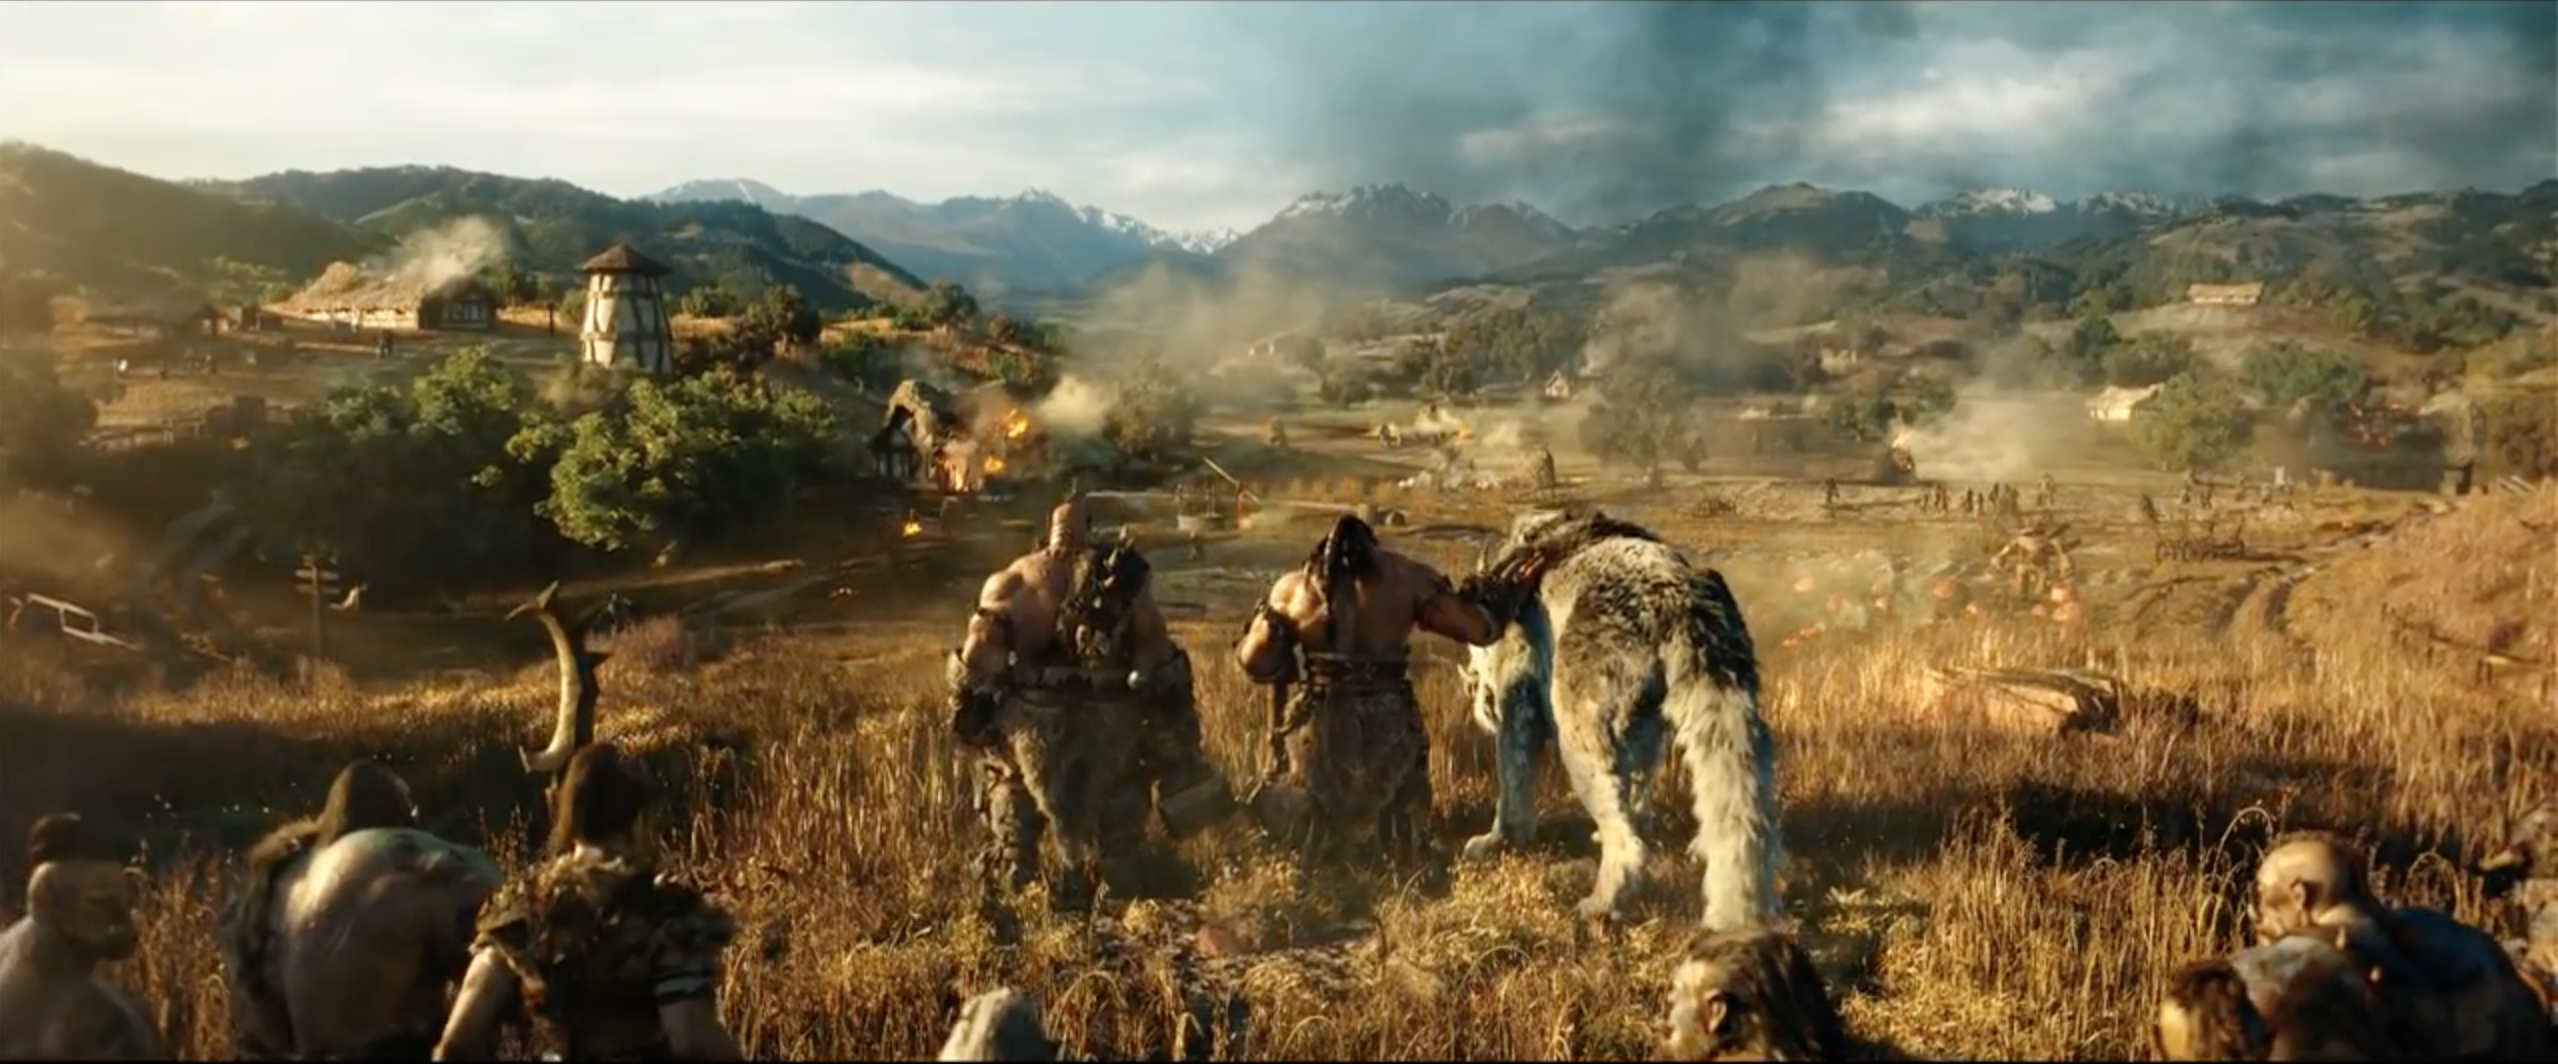 Warcraft - L'inizio: un'immagine tratta dal trailer del film